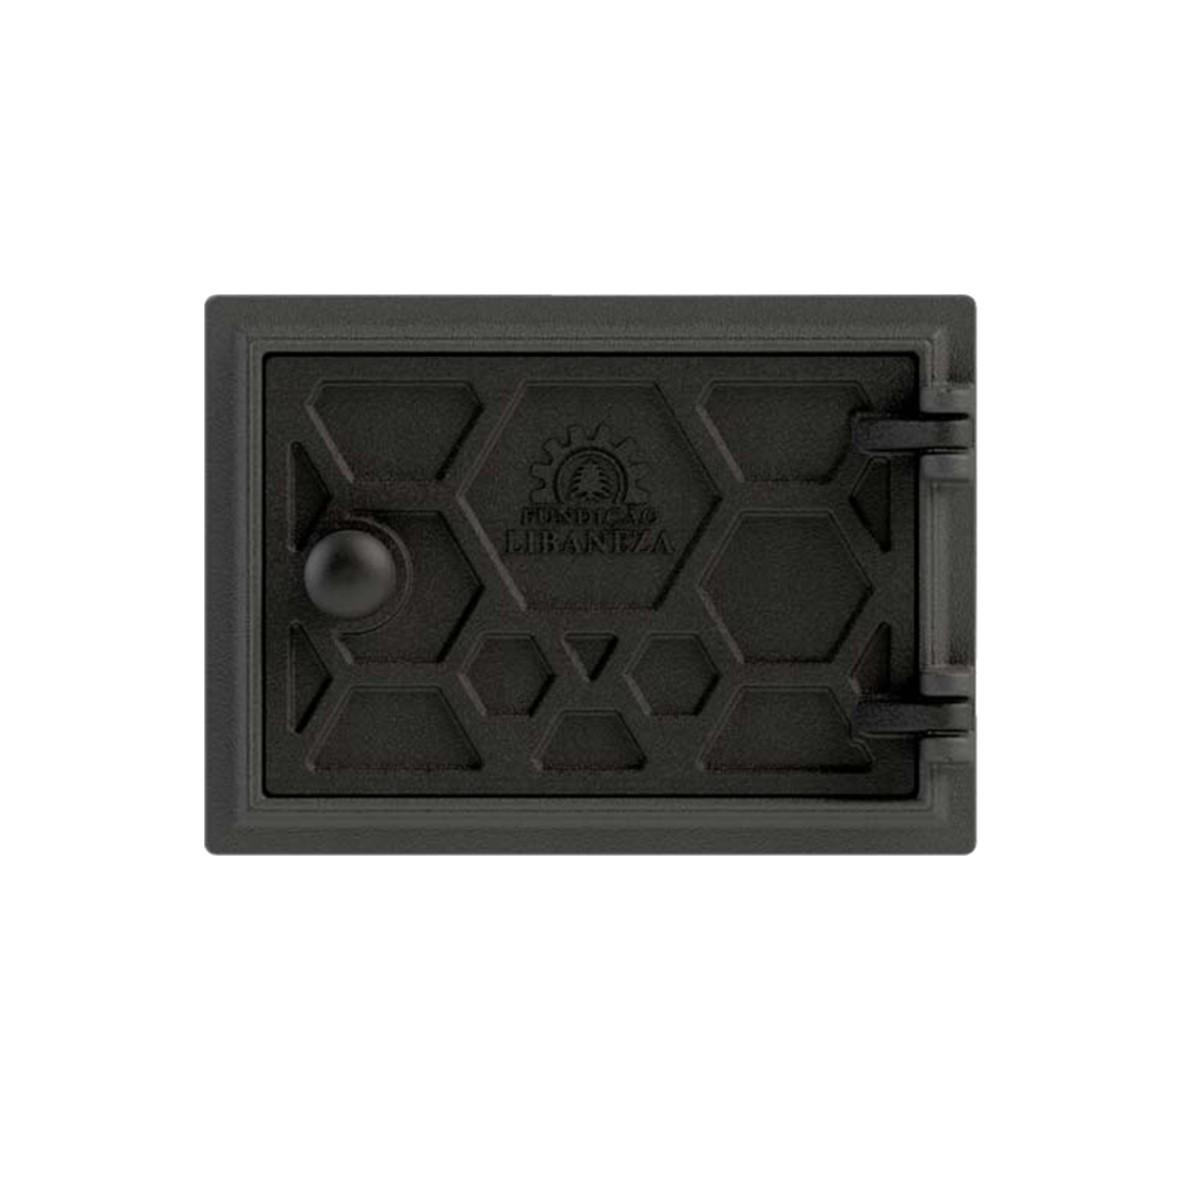 Porta Cinzeiro/fornalha Em Ferro Libaneza Colmeia 13x20 Cm P  - Panela de Ferro Fundido